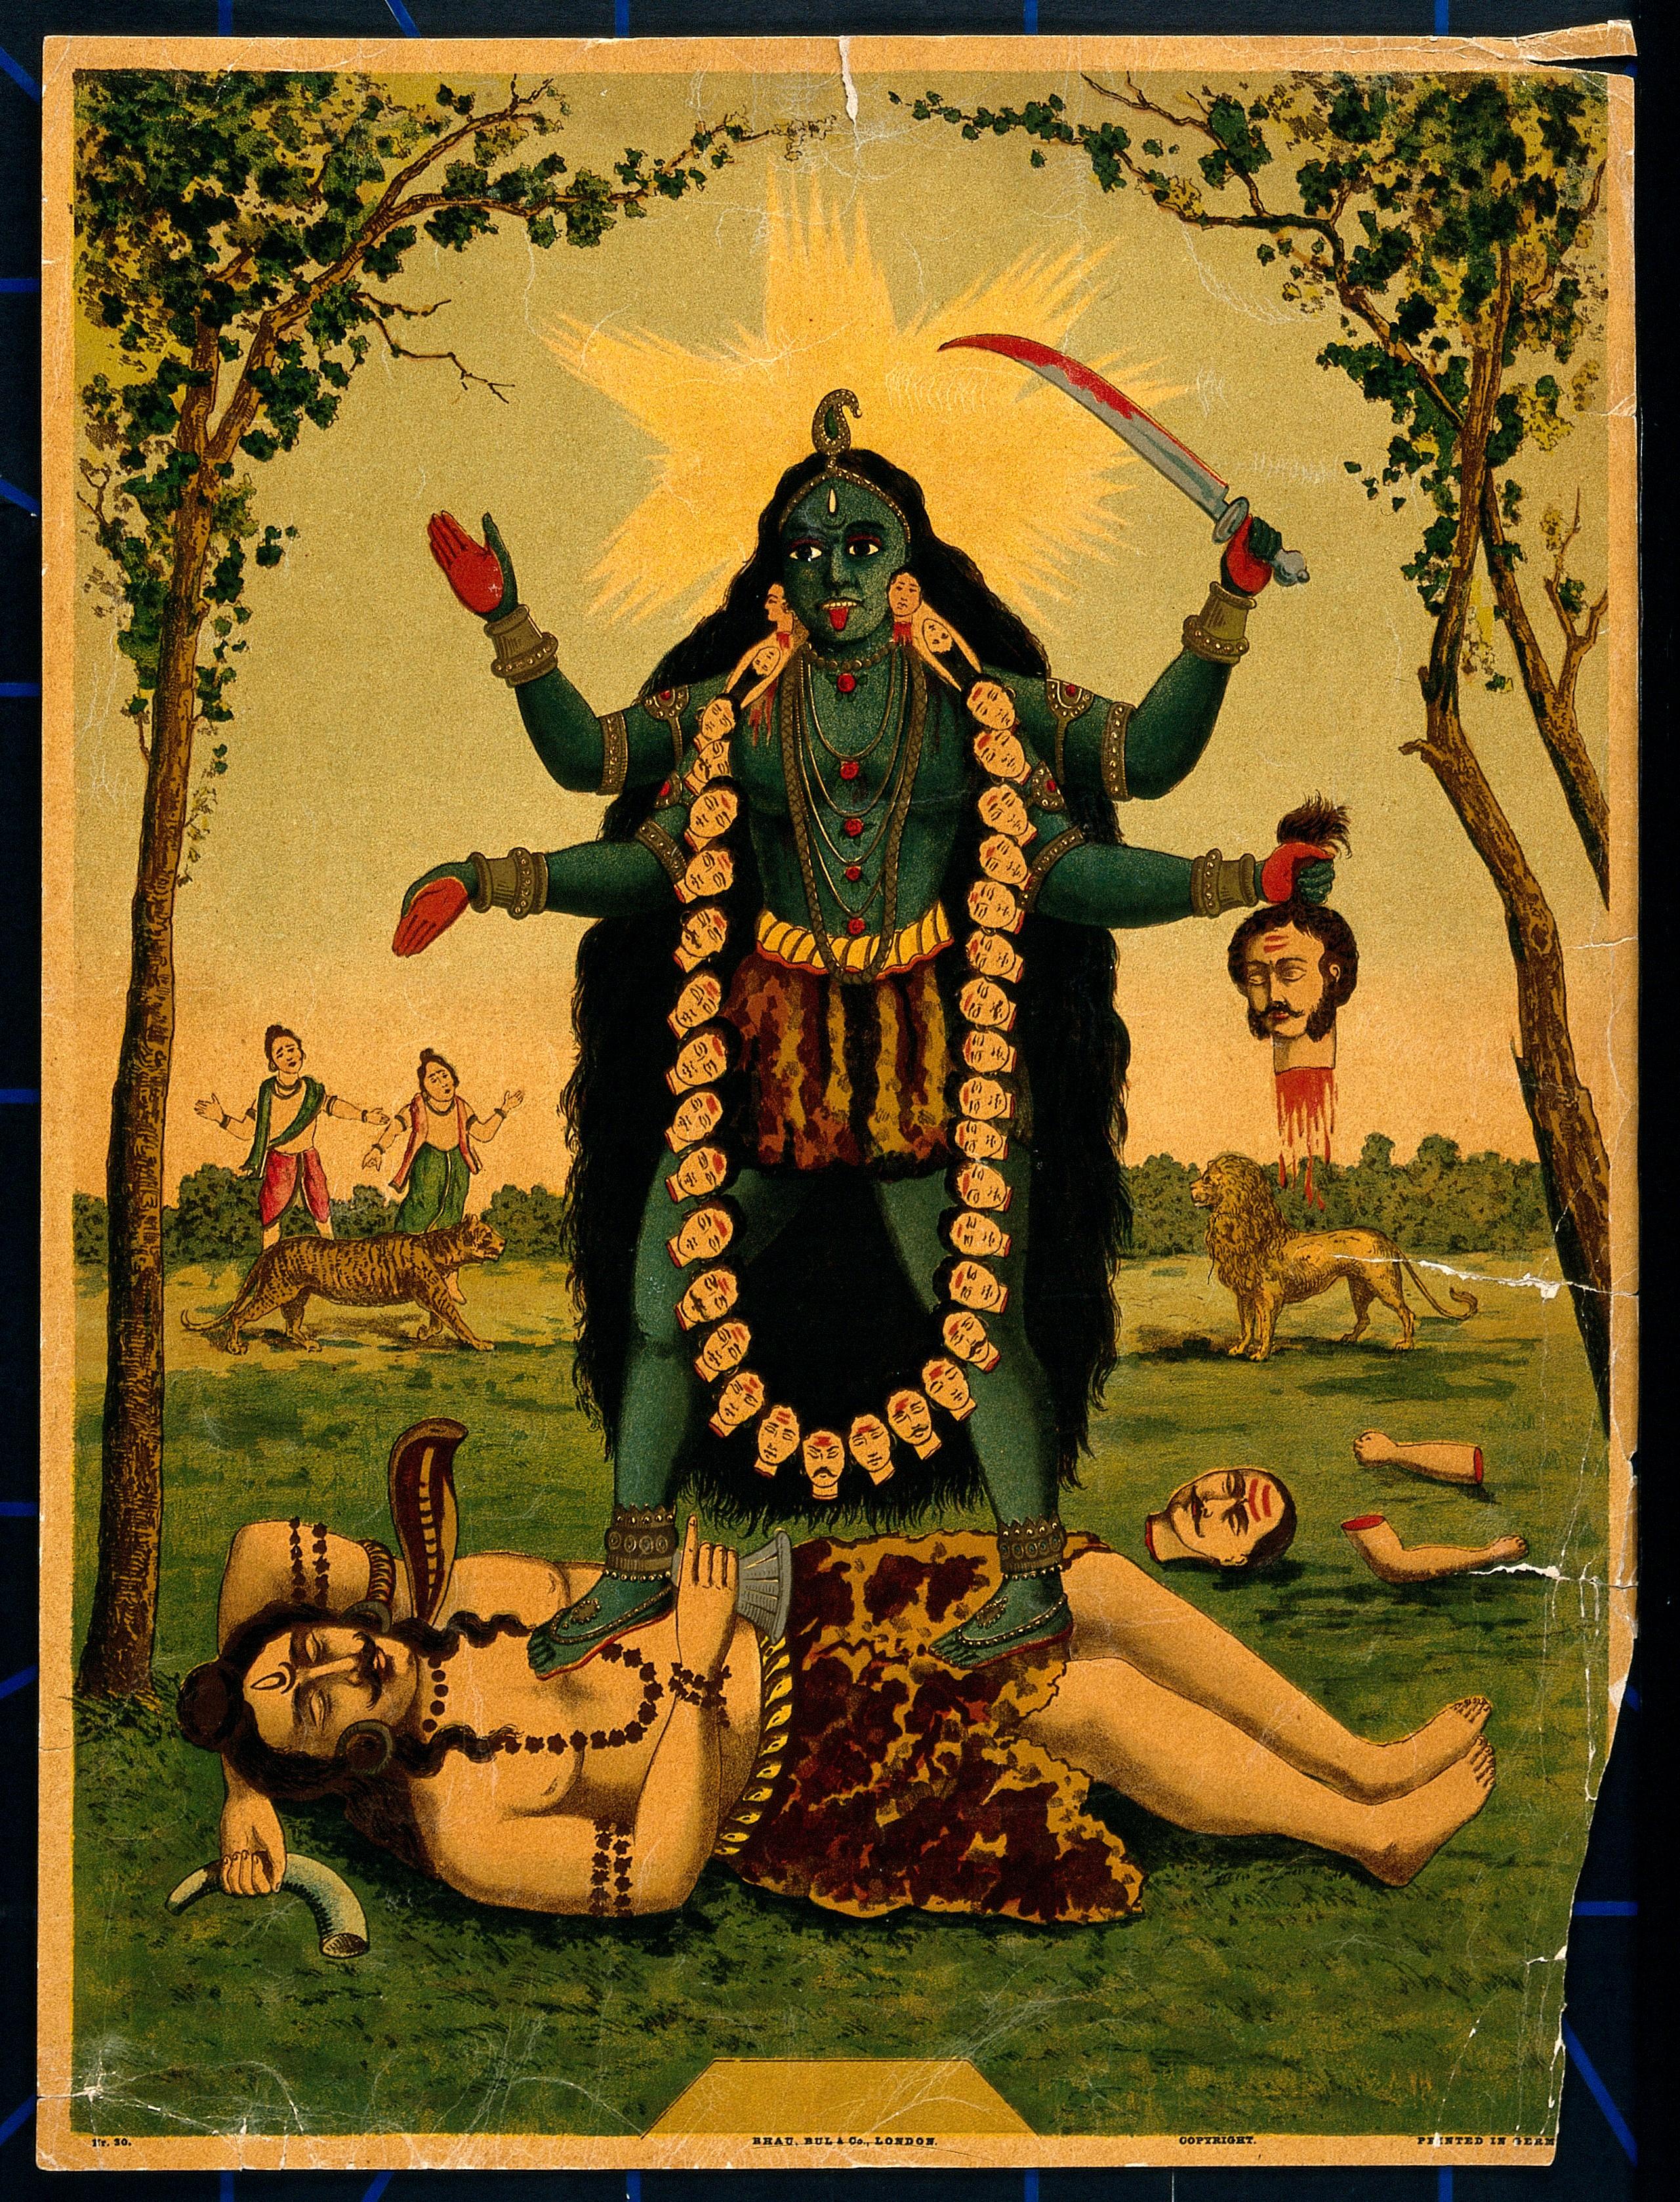 Goddess Kali stepping on Shiva